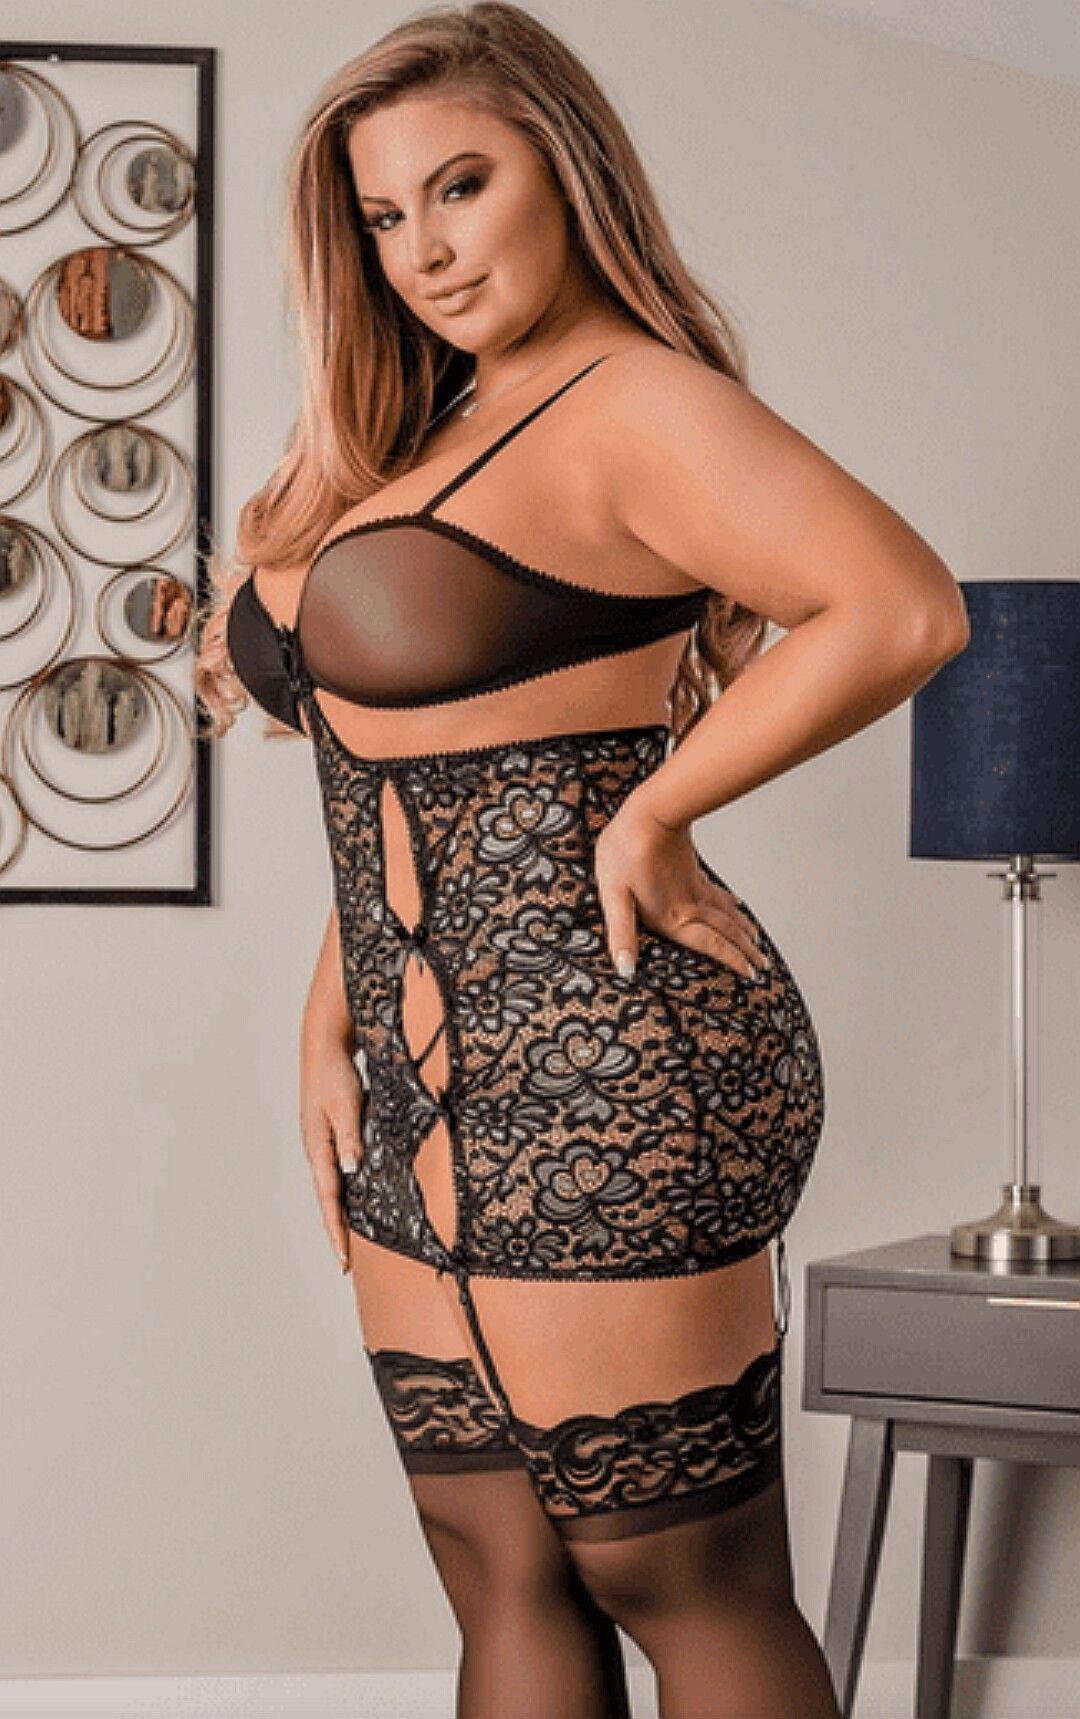 9004bc9212969 Ashley Alexiss Plus Size Lingerie Models